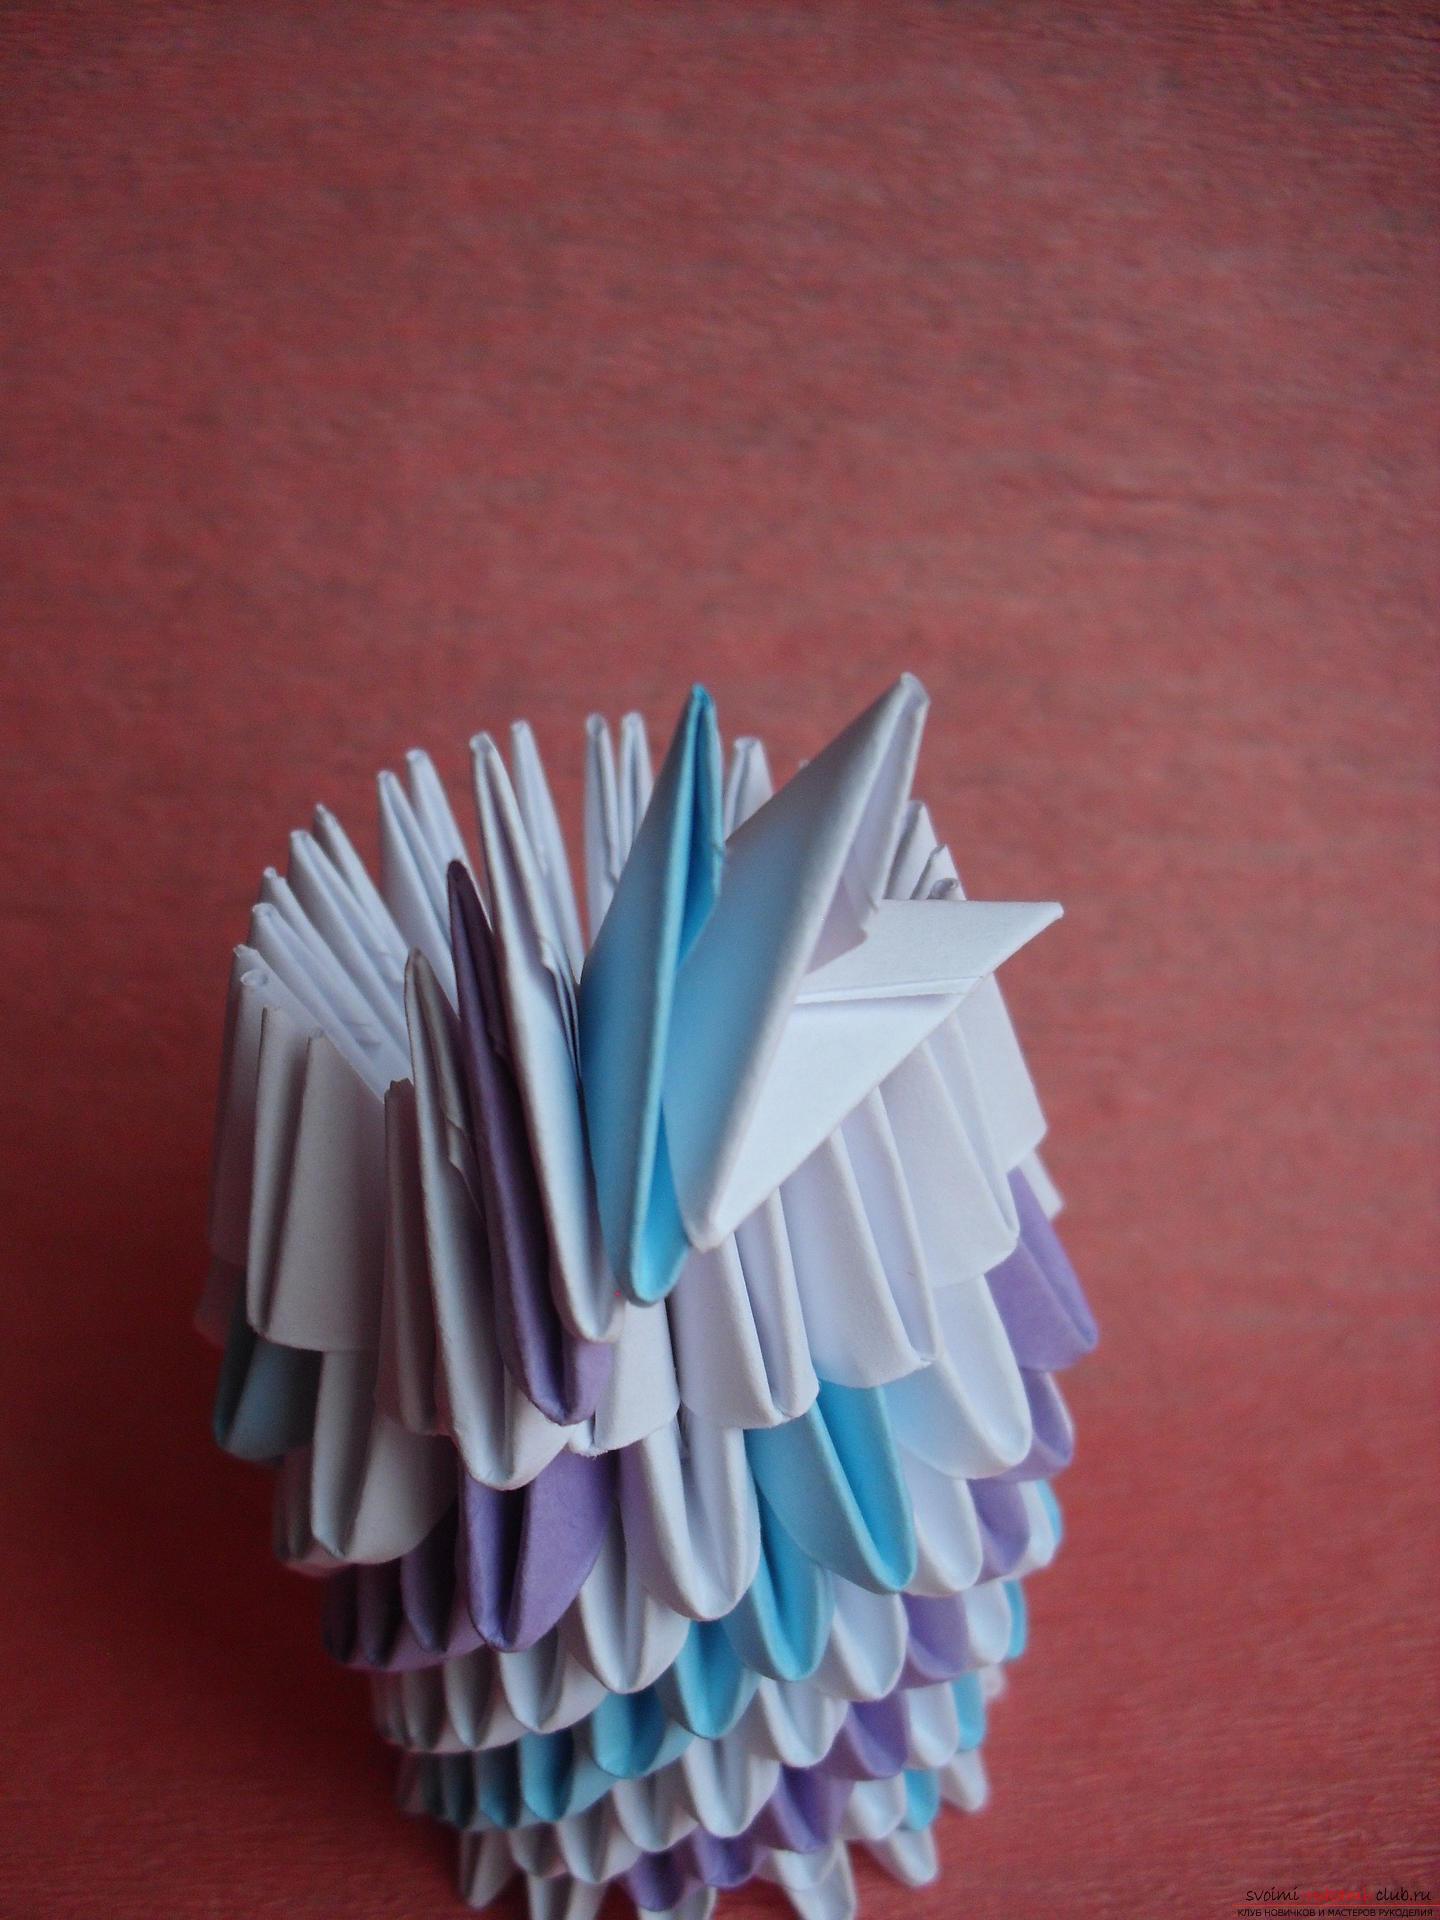 Этот мастер-класс научит как сделать вазу с тюльпанами из бумаги в технике модульного оригами.. Фото №8